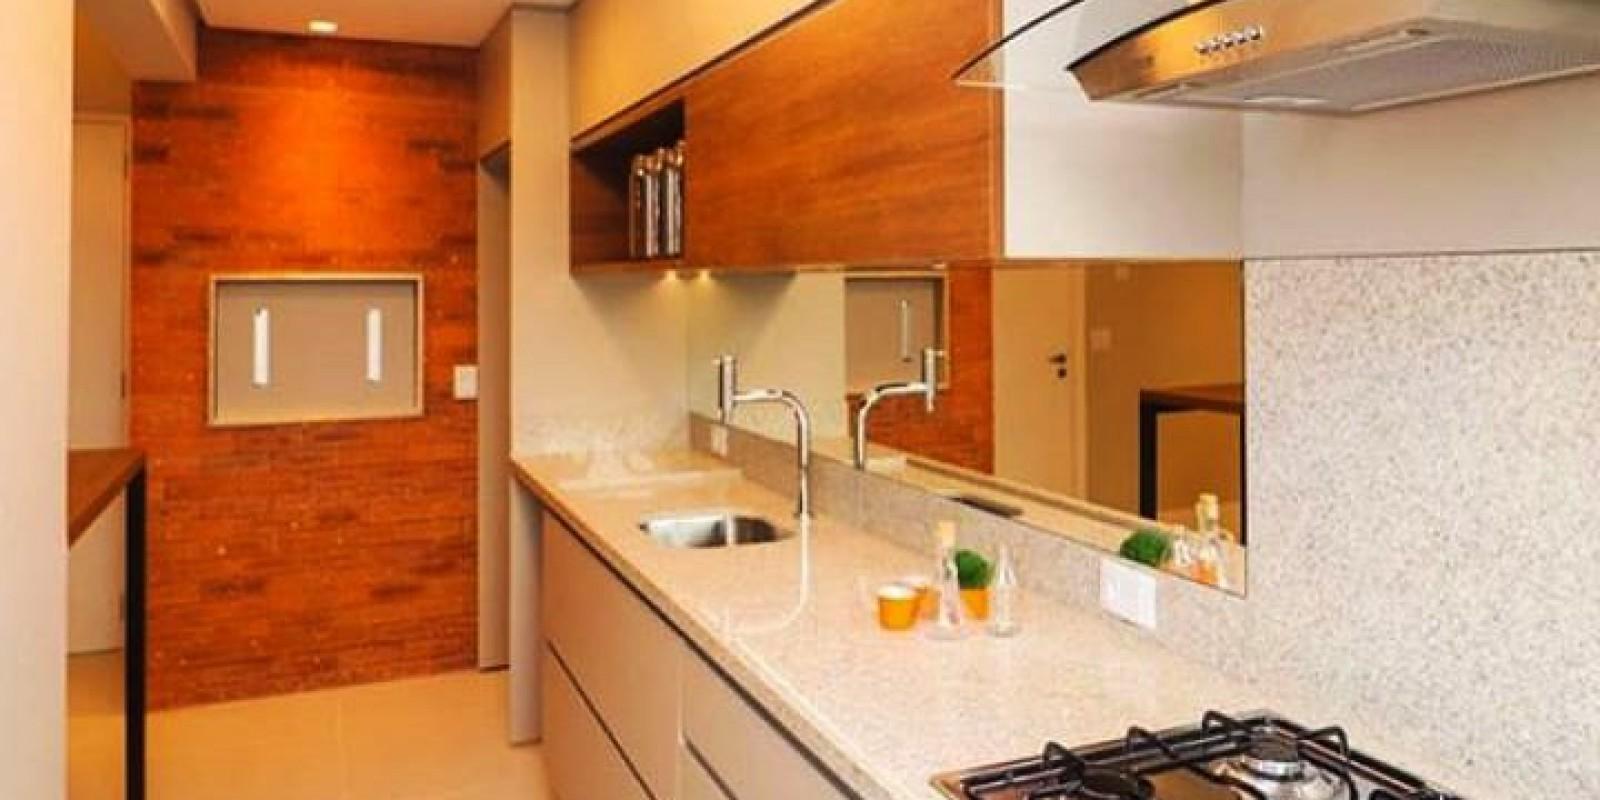 TPS Imóveis - Veja Foto 23 de 23 do Apartamentos A Venda 2 dormitórios Em Porto Alegre